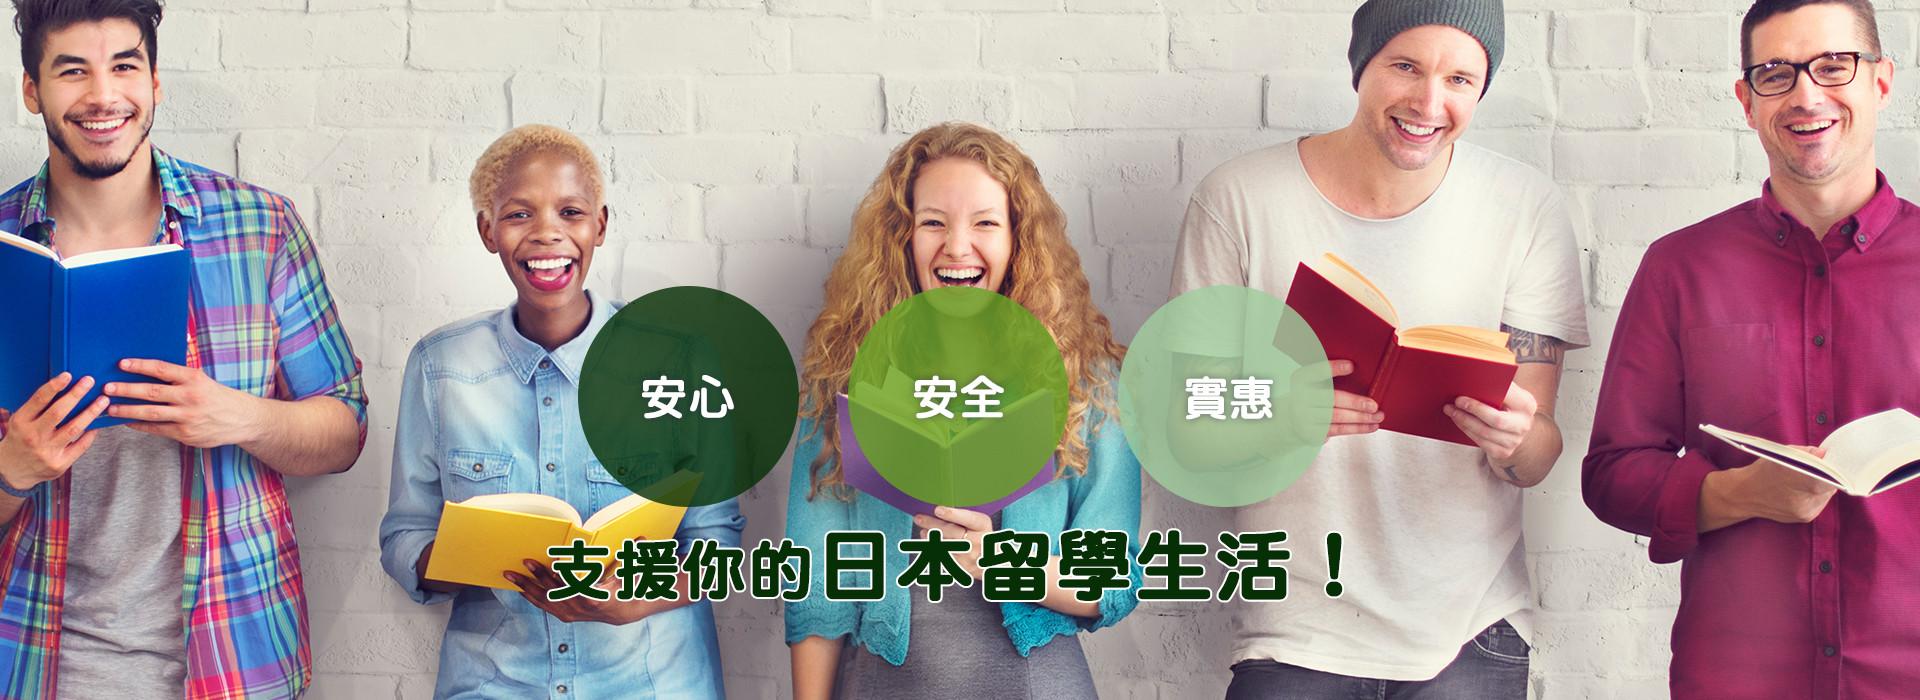 支援你的日本留學生活!